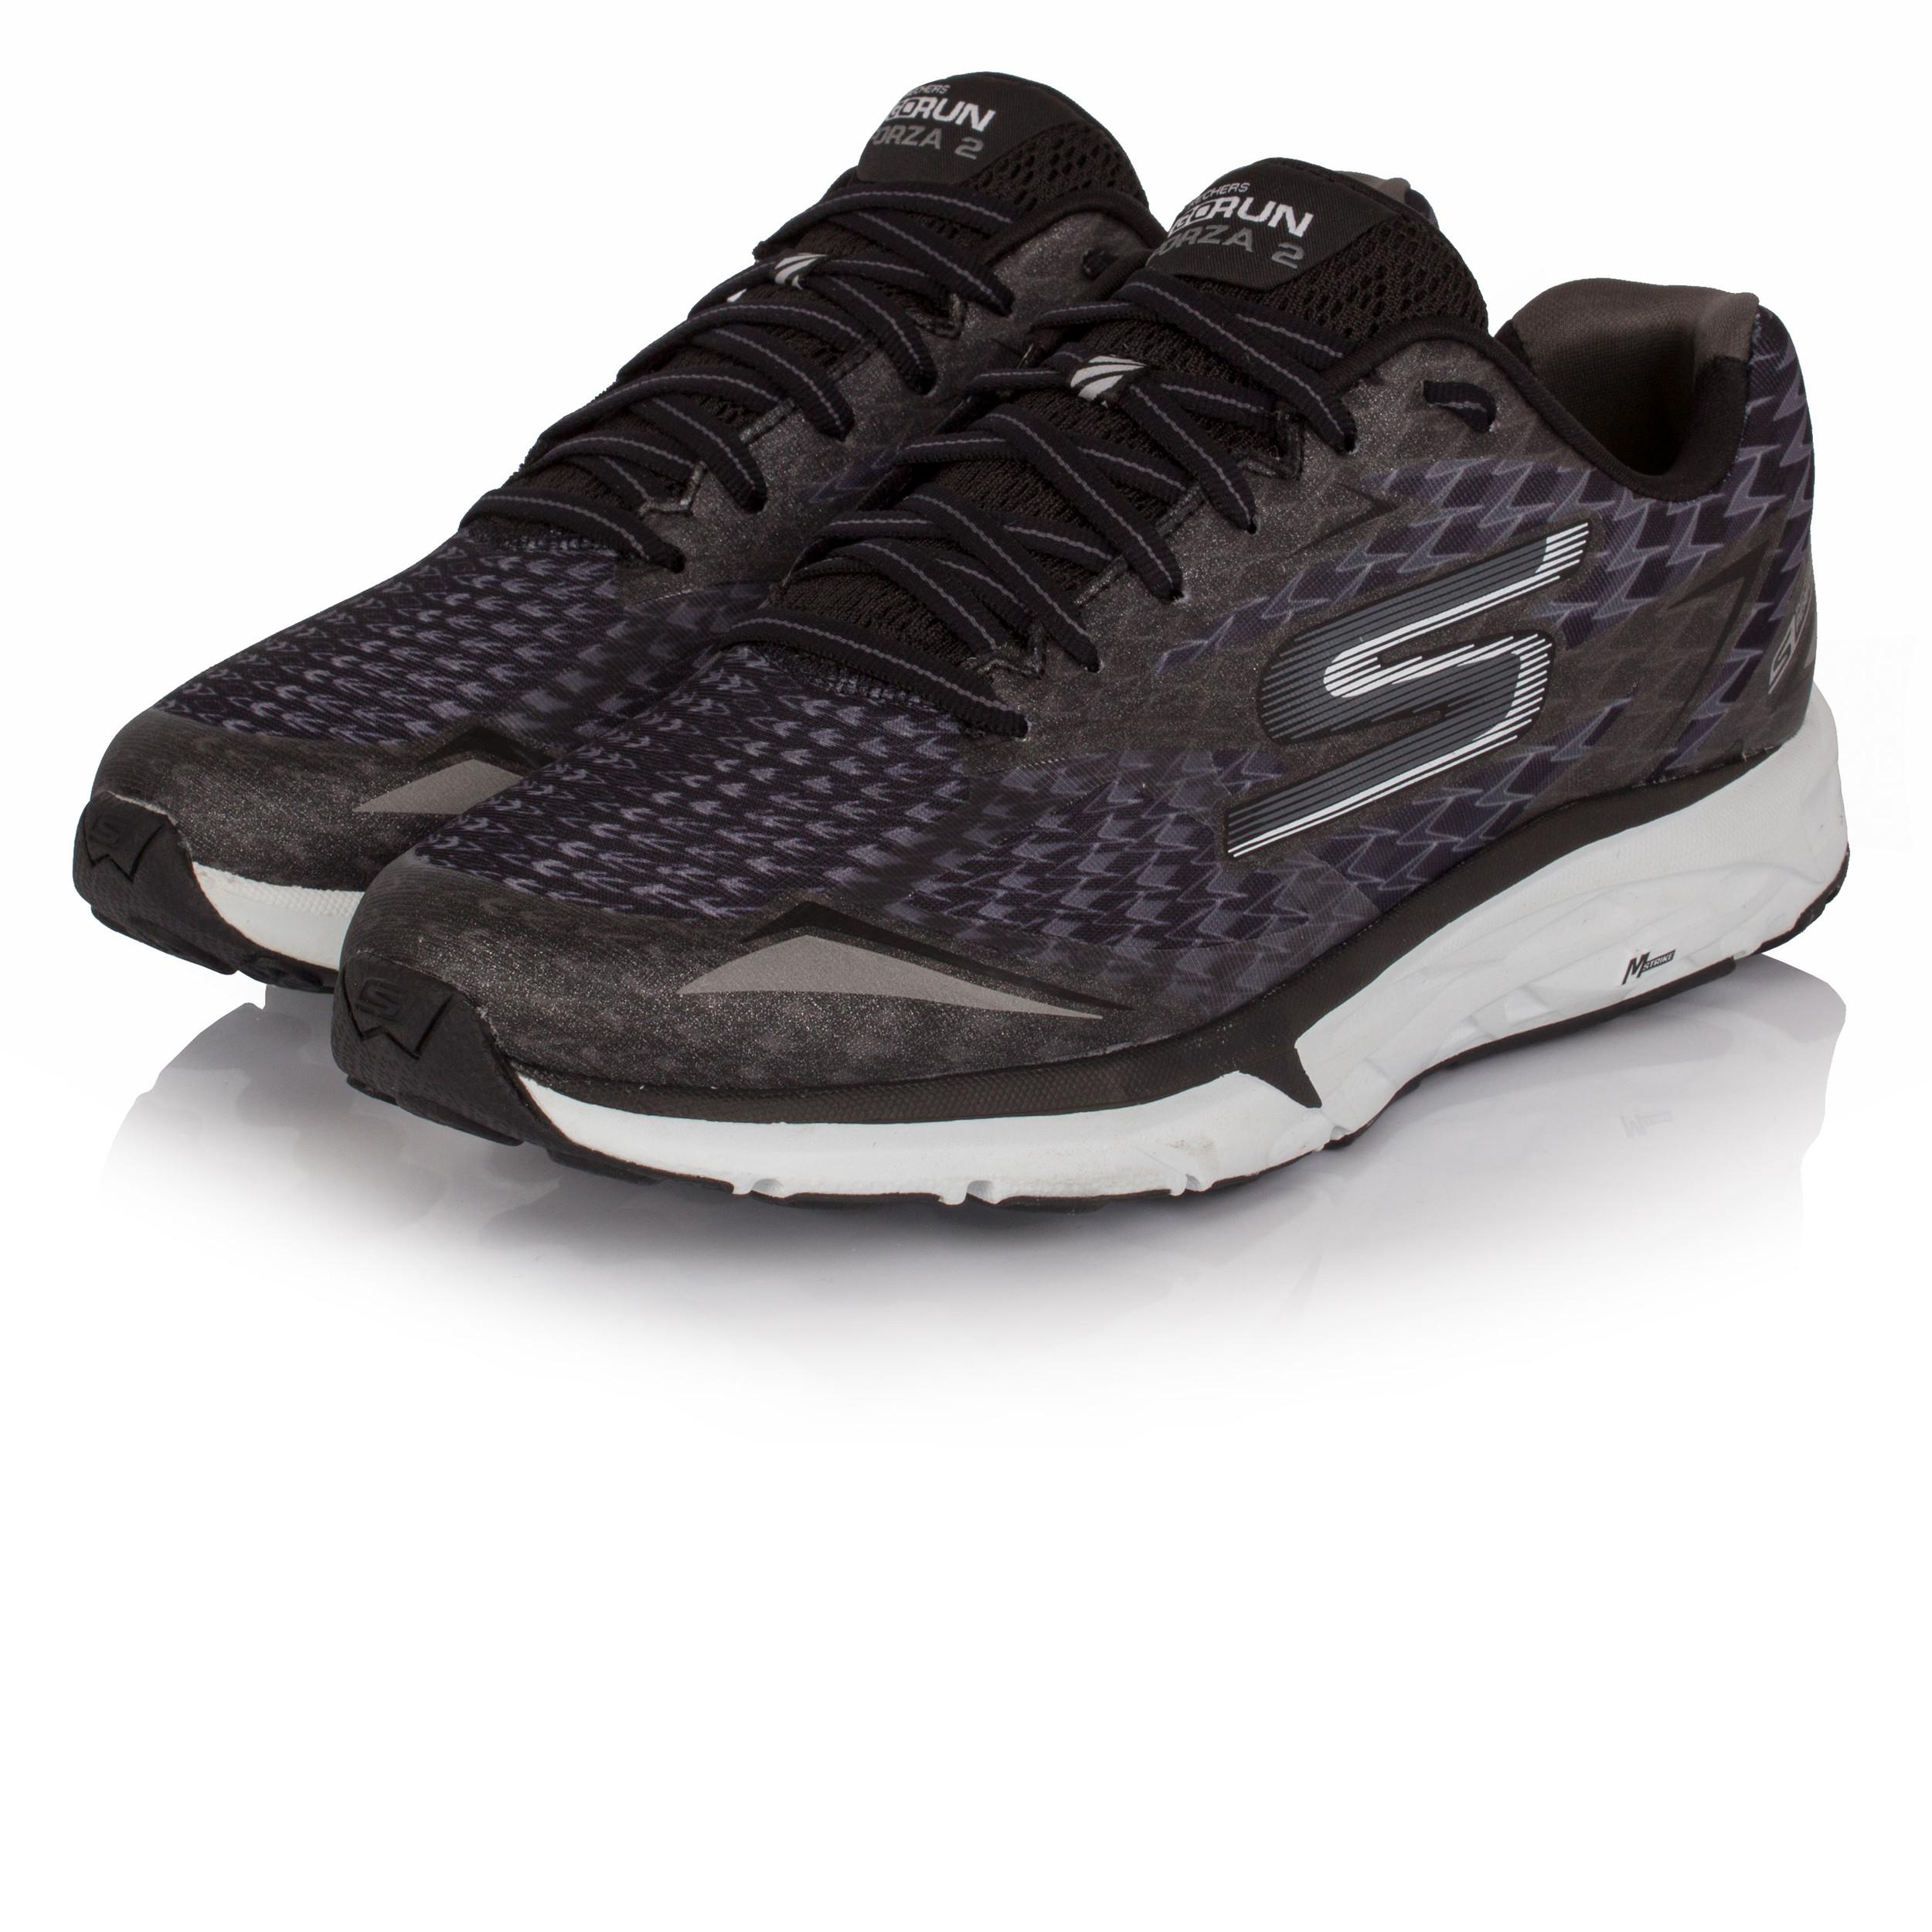 Chaussure de running skechers